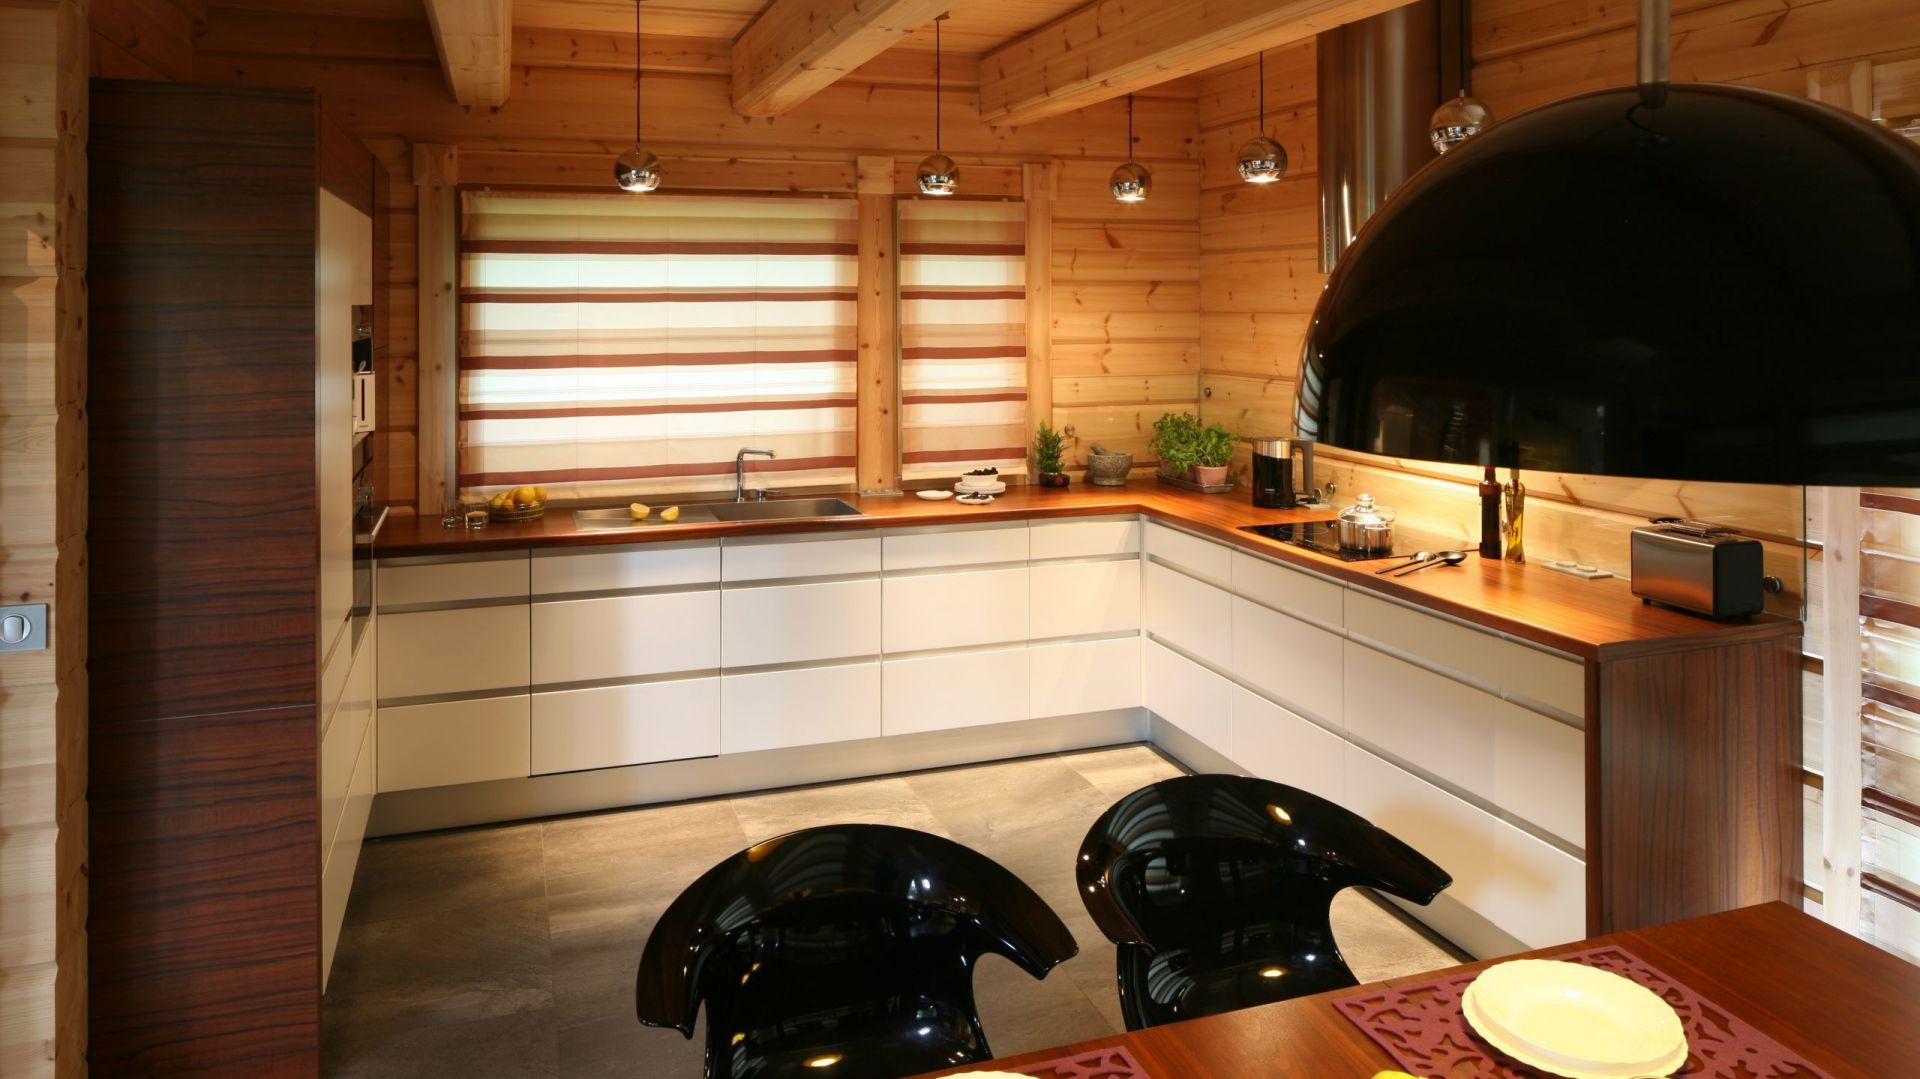 Kuchnia W Drewnianym Domu Najciekawsze Pomysły Projektantów